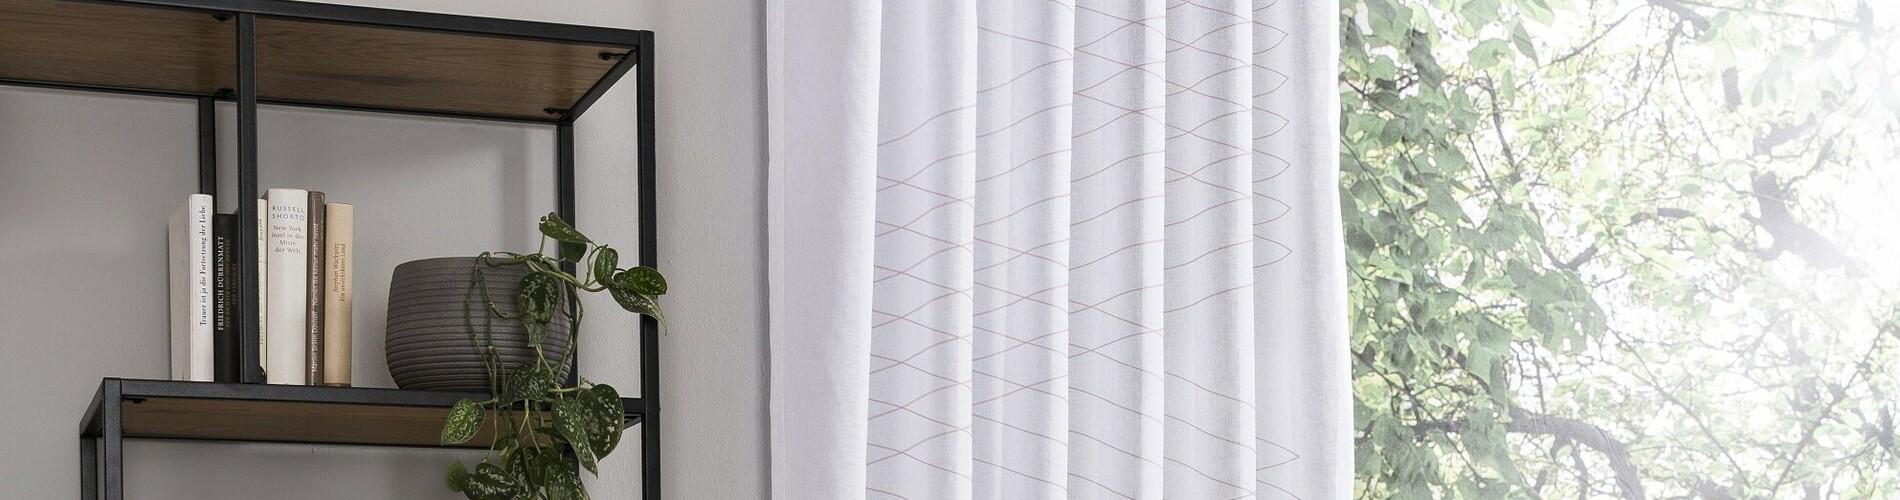 Full Size of Scheibengardinen Blickdicht Tipps Rund Um Ihre Gardinen Und Vorhnge Küche Wohnzimmer Scheibengardinen Blickdicht